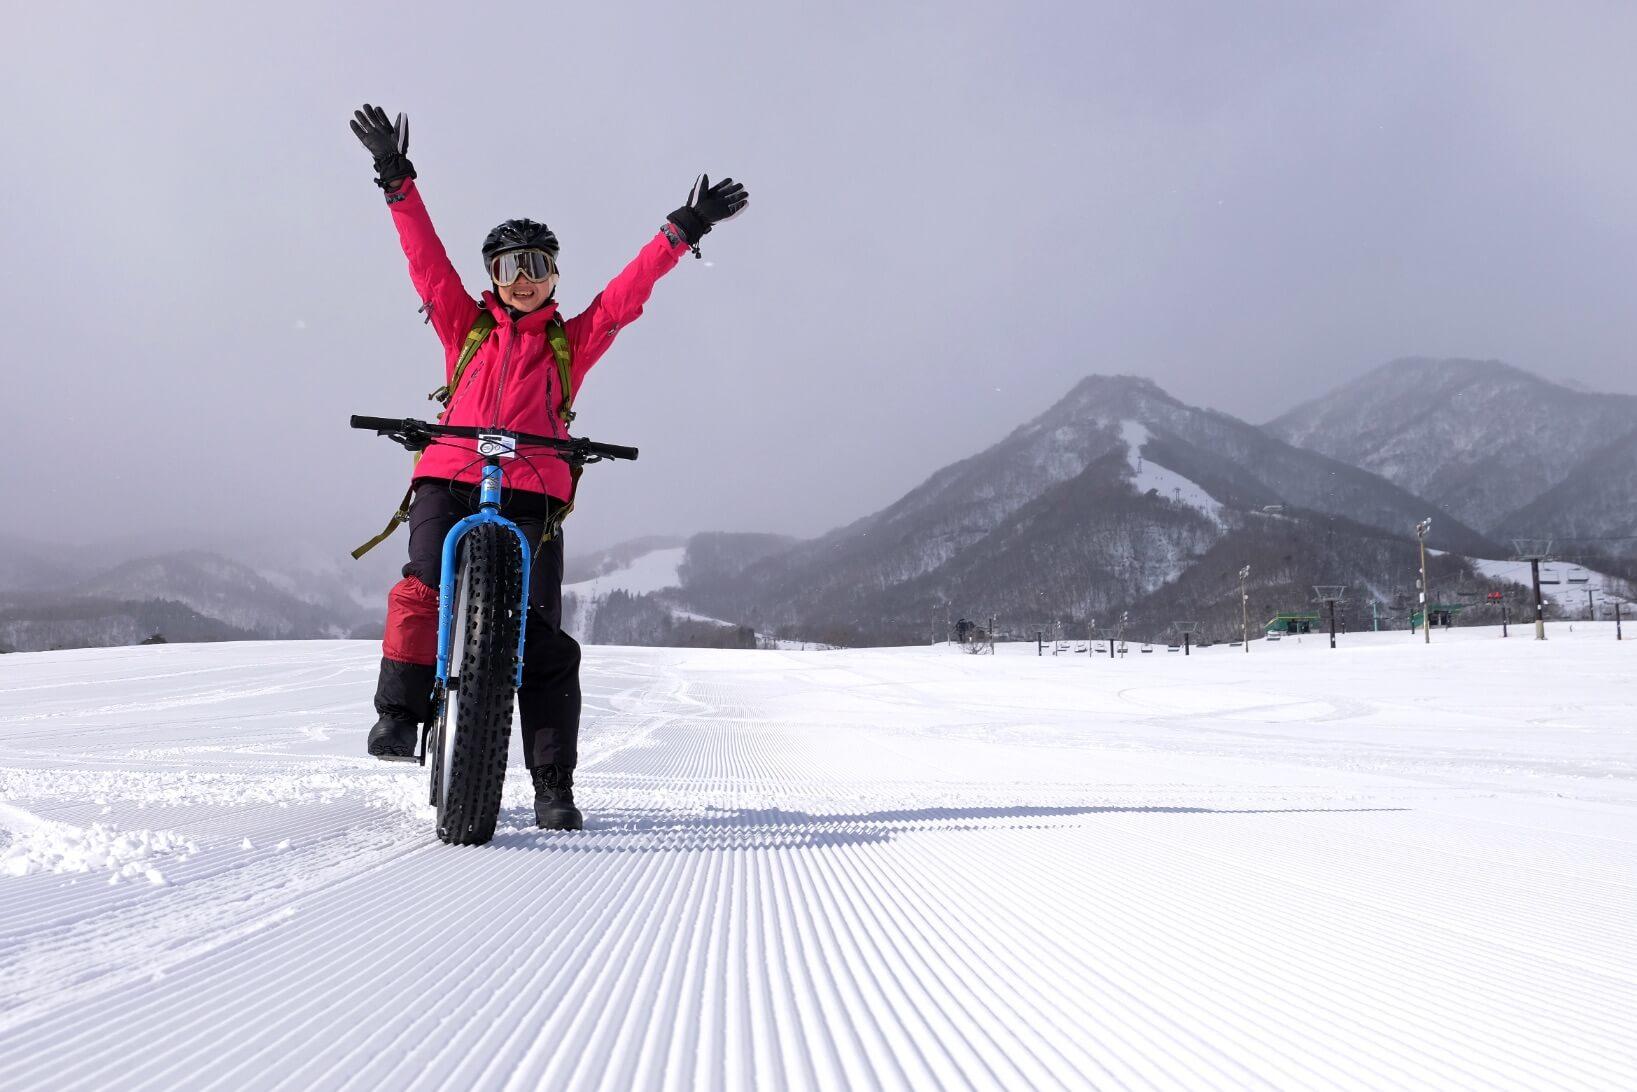 Fat Biking on the Slopes of Tsugaike Kogen Ski Resort, Nagano